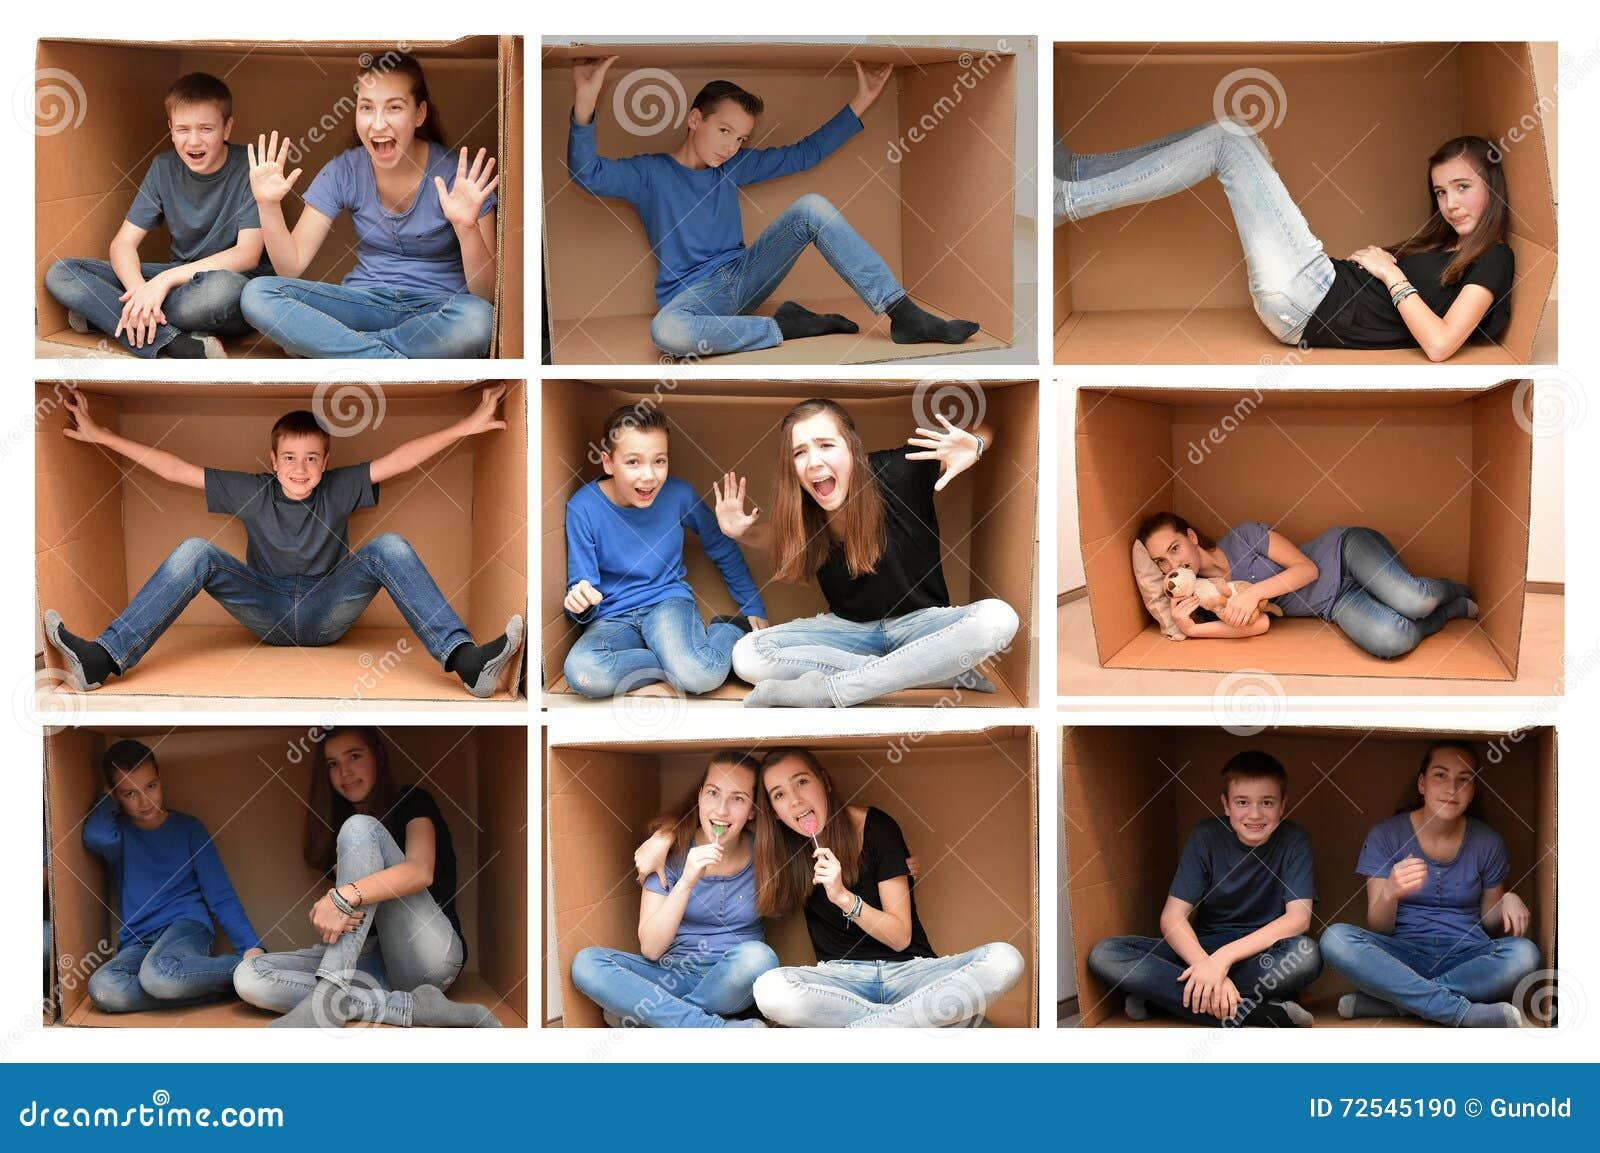 En una caja de cartón